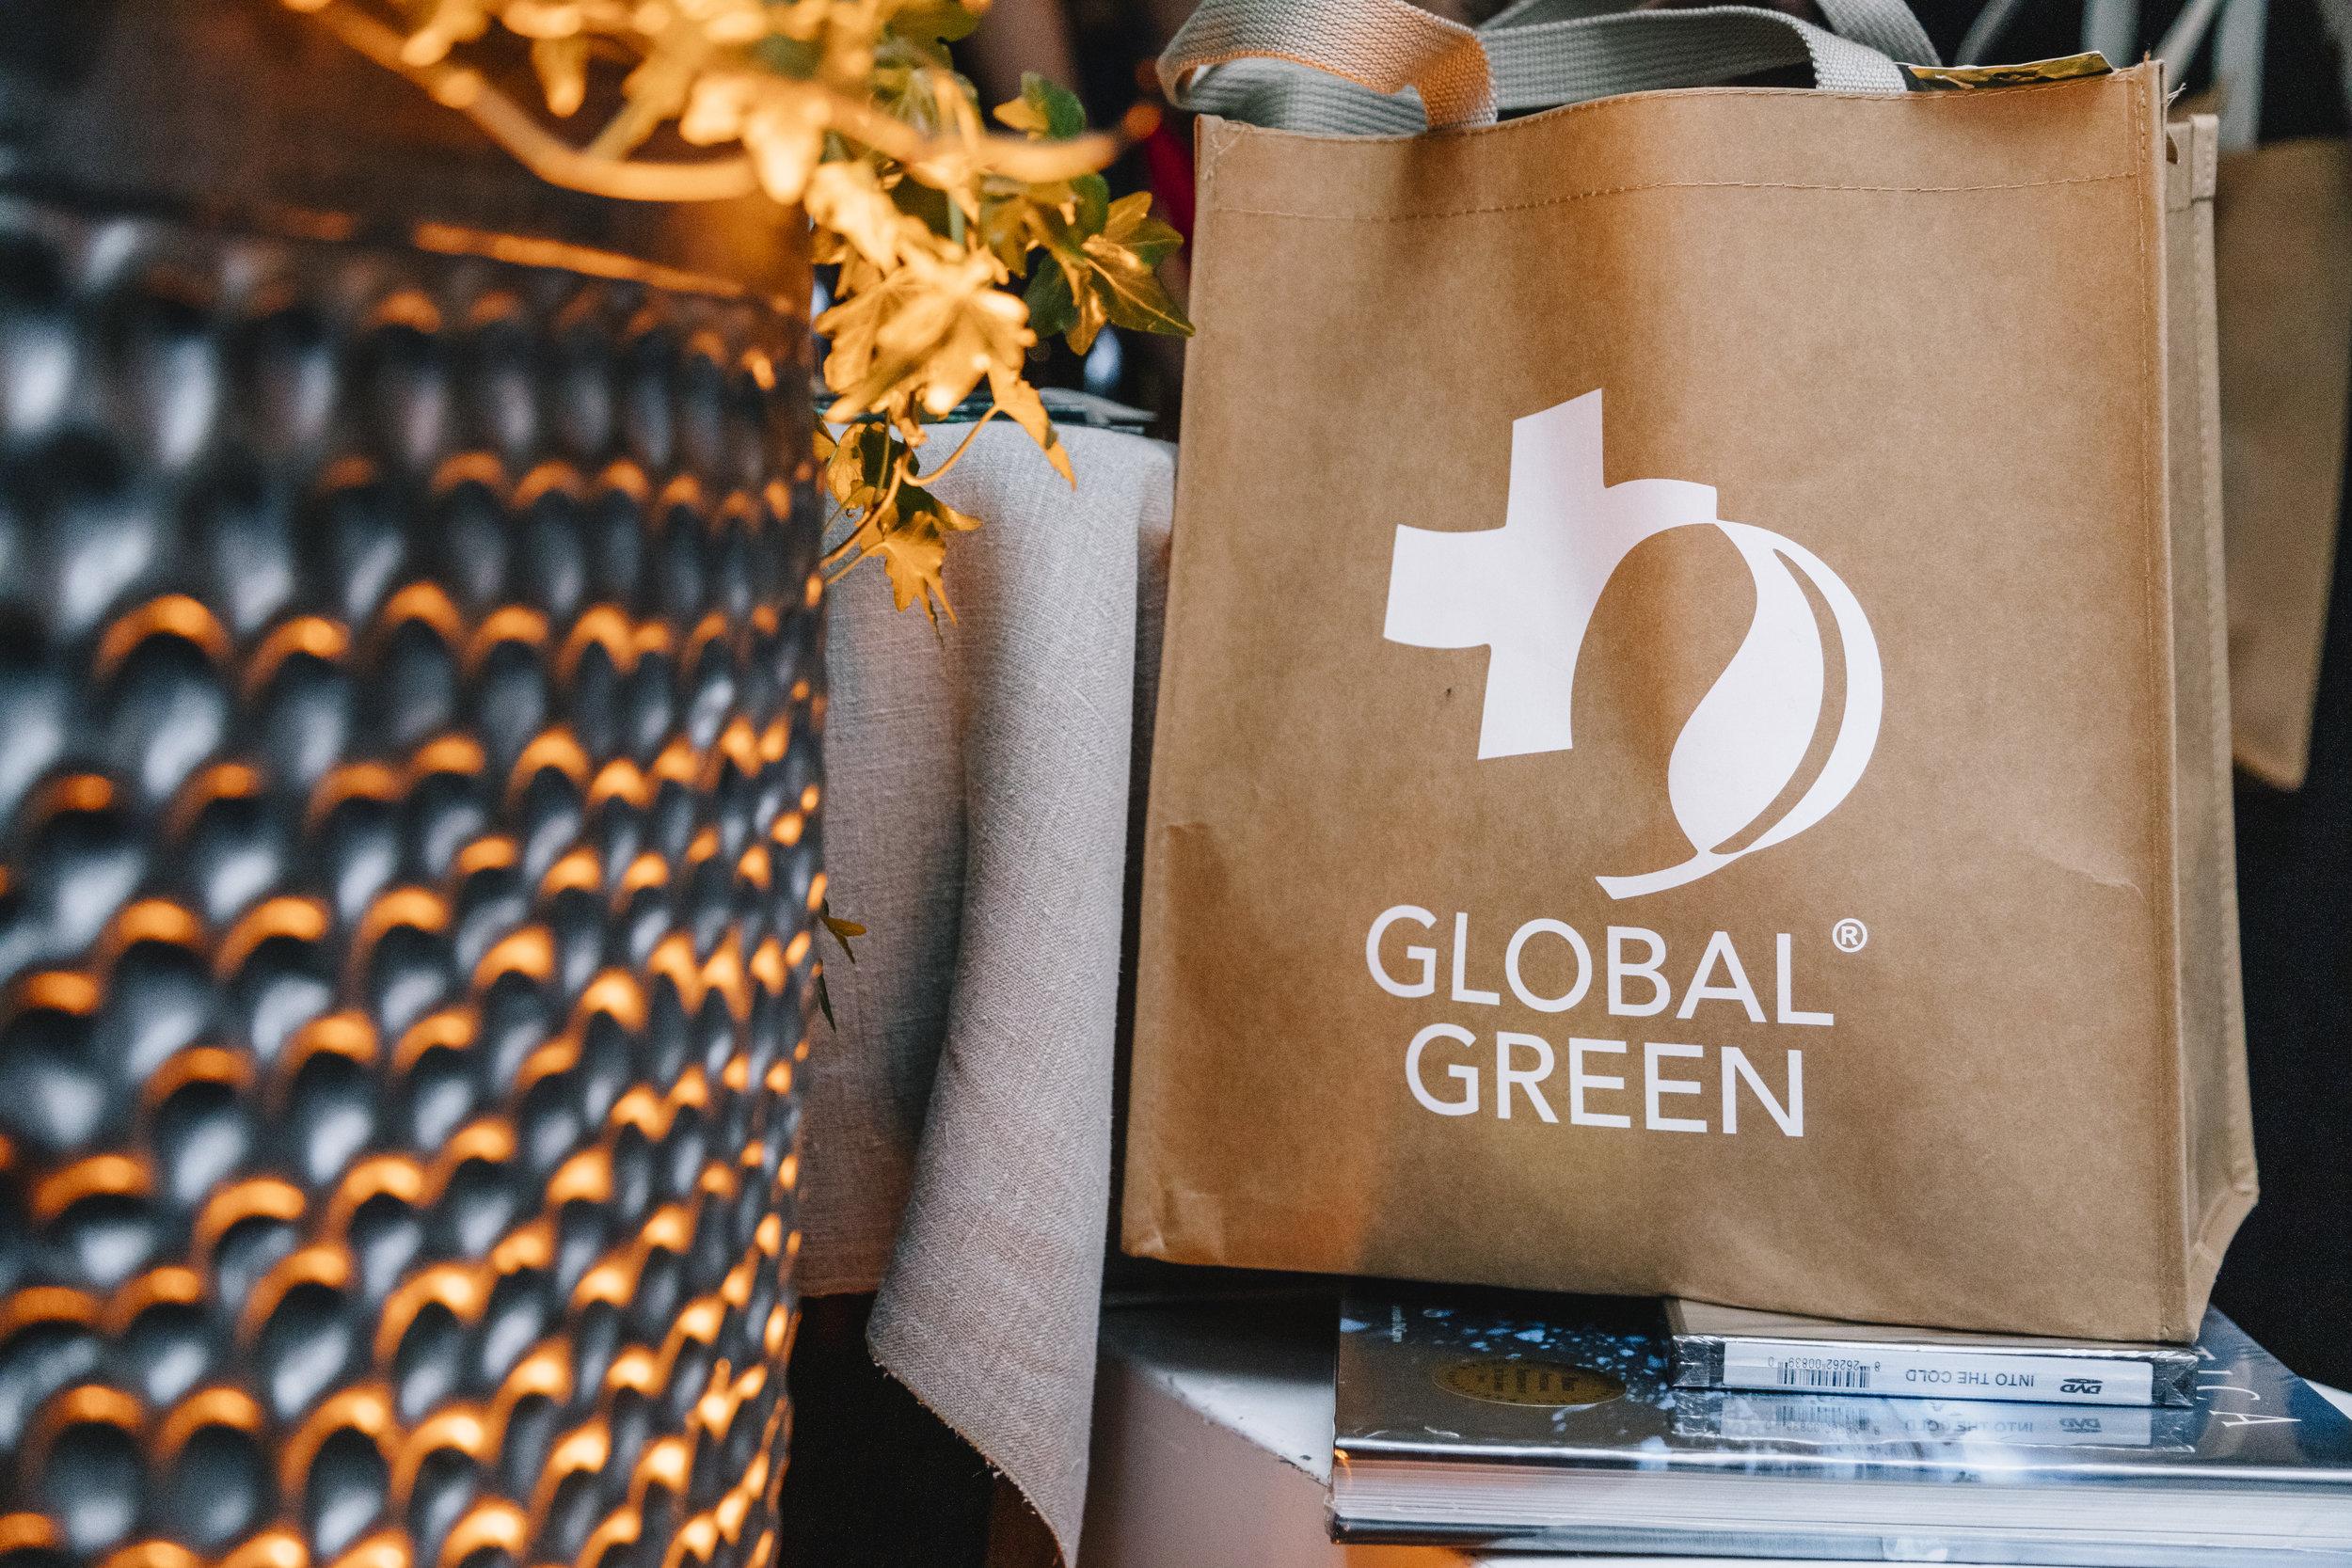 GlobalGreen_76.jpg